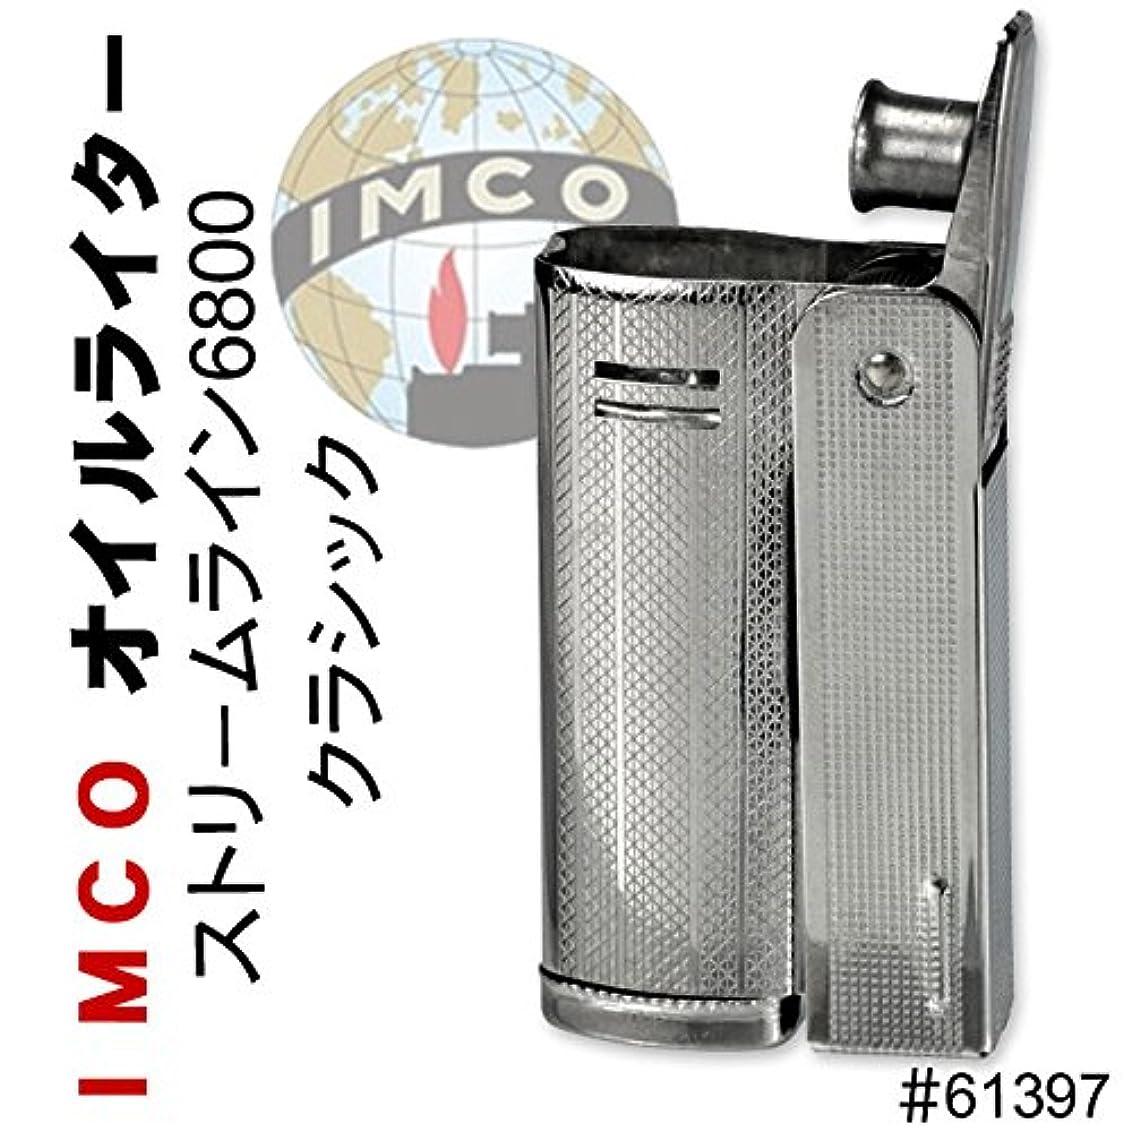 マークされたバクテリア遊び場IMCO イムコ オイル ライター イムコ ストリームライン 6800 クラシック フリント式